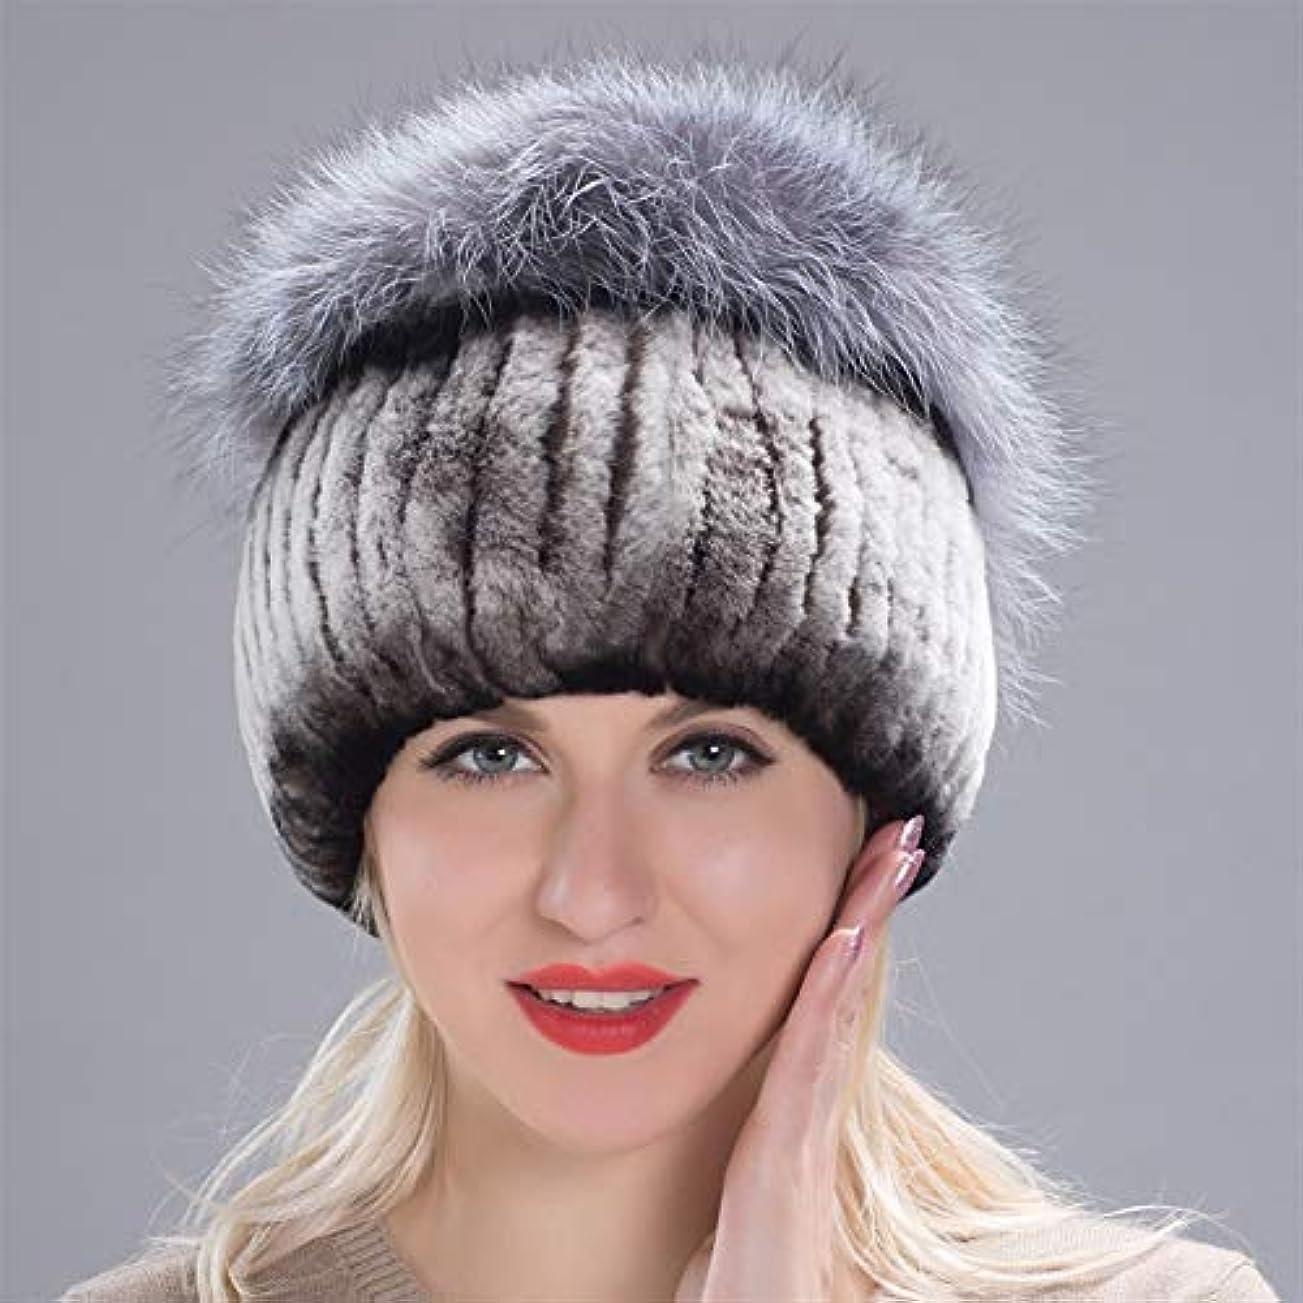 飾り羽手入れまたはどちらかACAO ドリル包頭とさんさんの冬のウールニット冬の帽子のウサギの毛皮の帽子厚く暖かいイヤーキャップキツネの毛皮の帽子 (色 : Coffee white, Size : M)